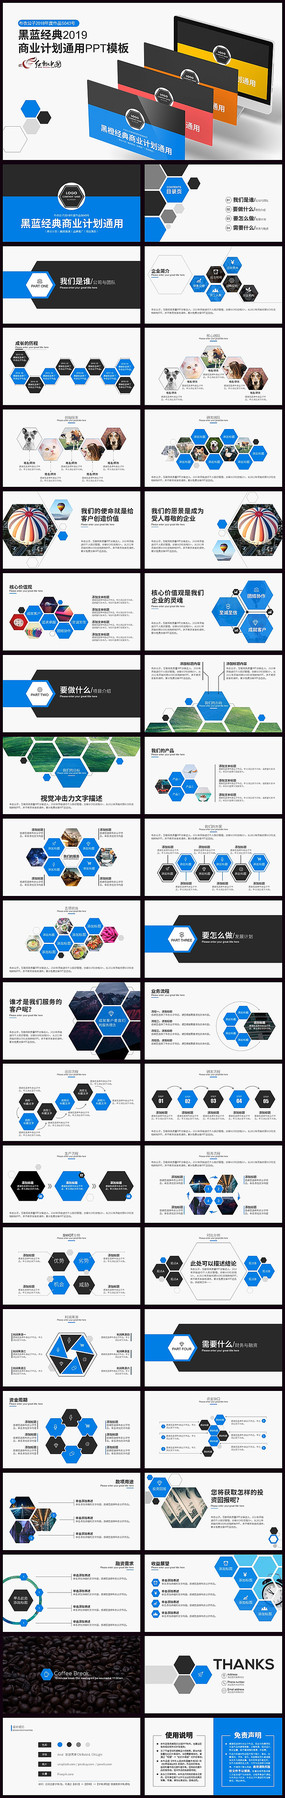 黑蓝经典2019商业计划通用PPT模板